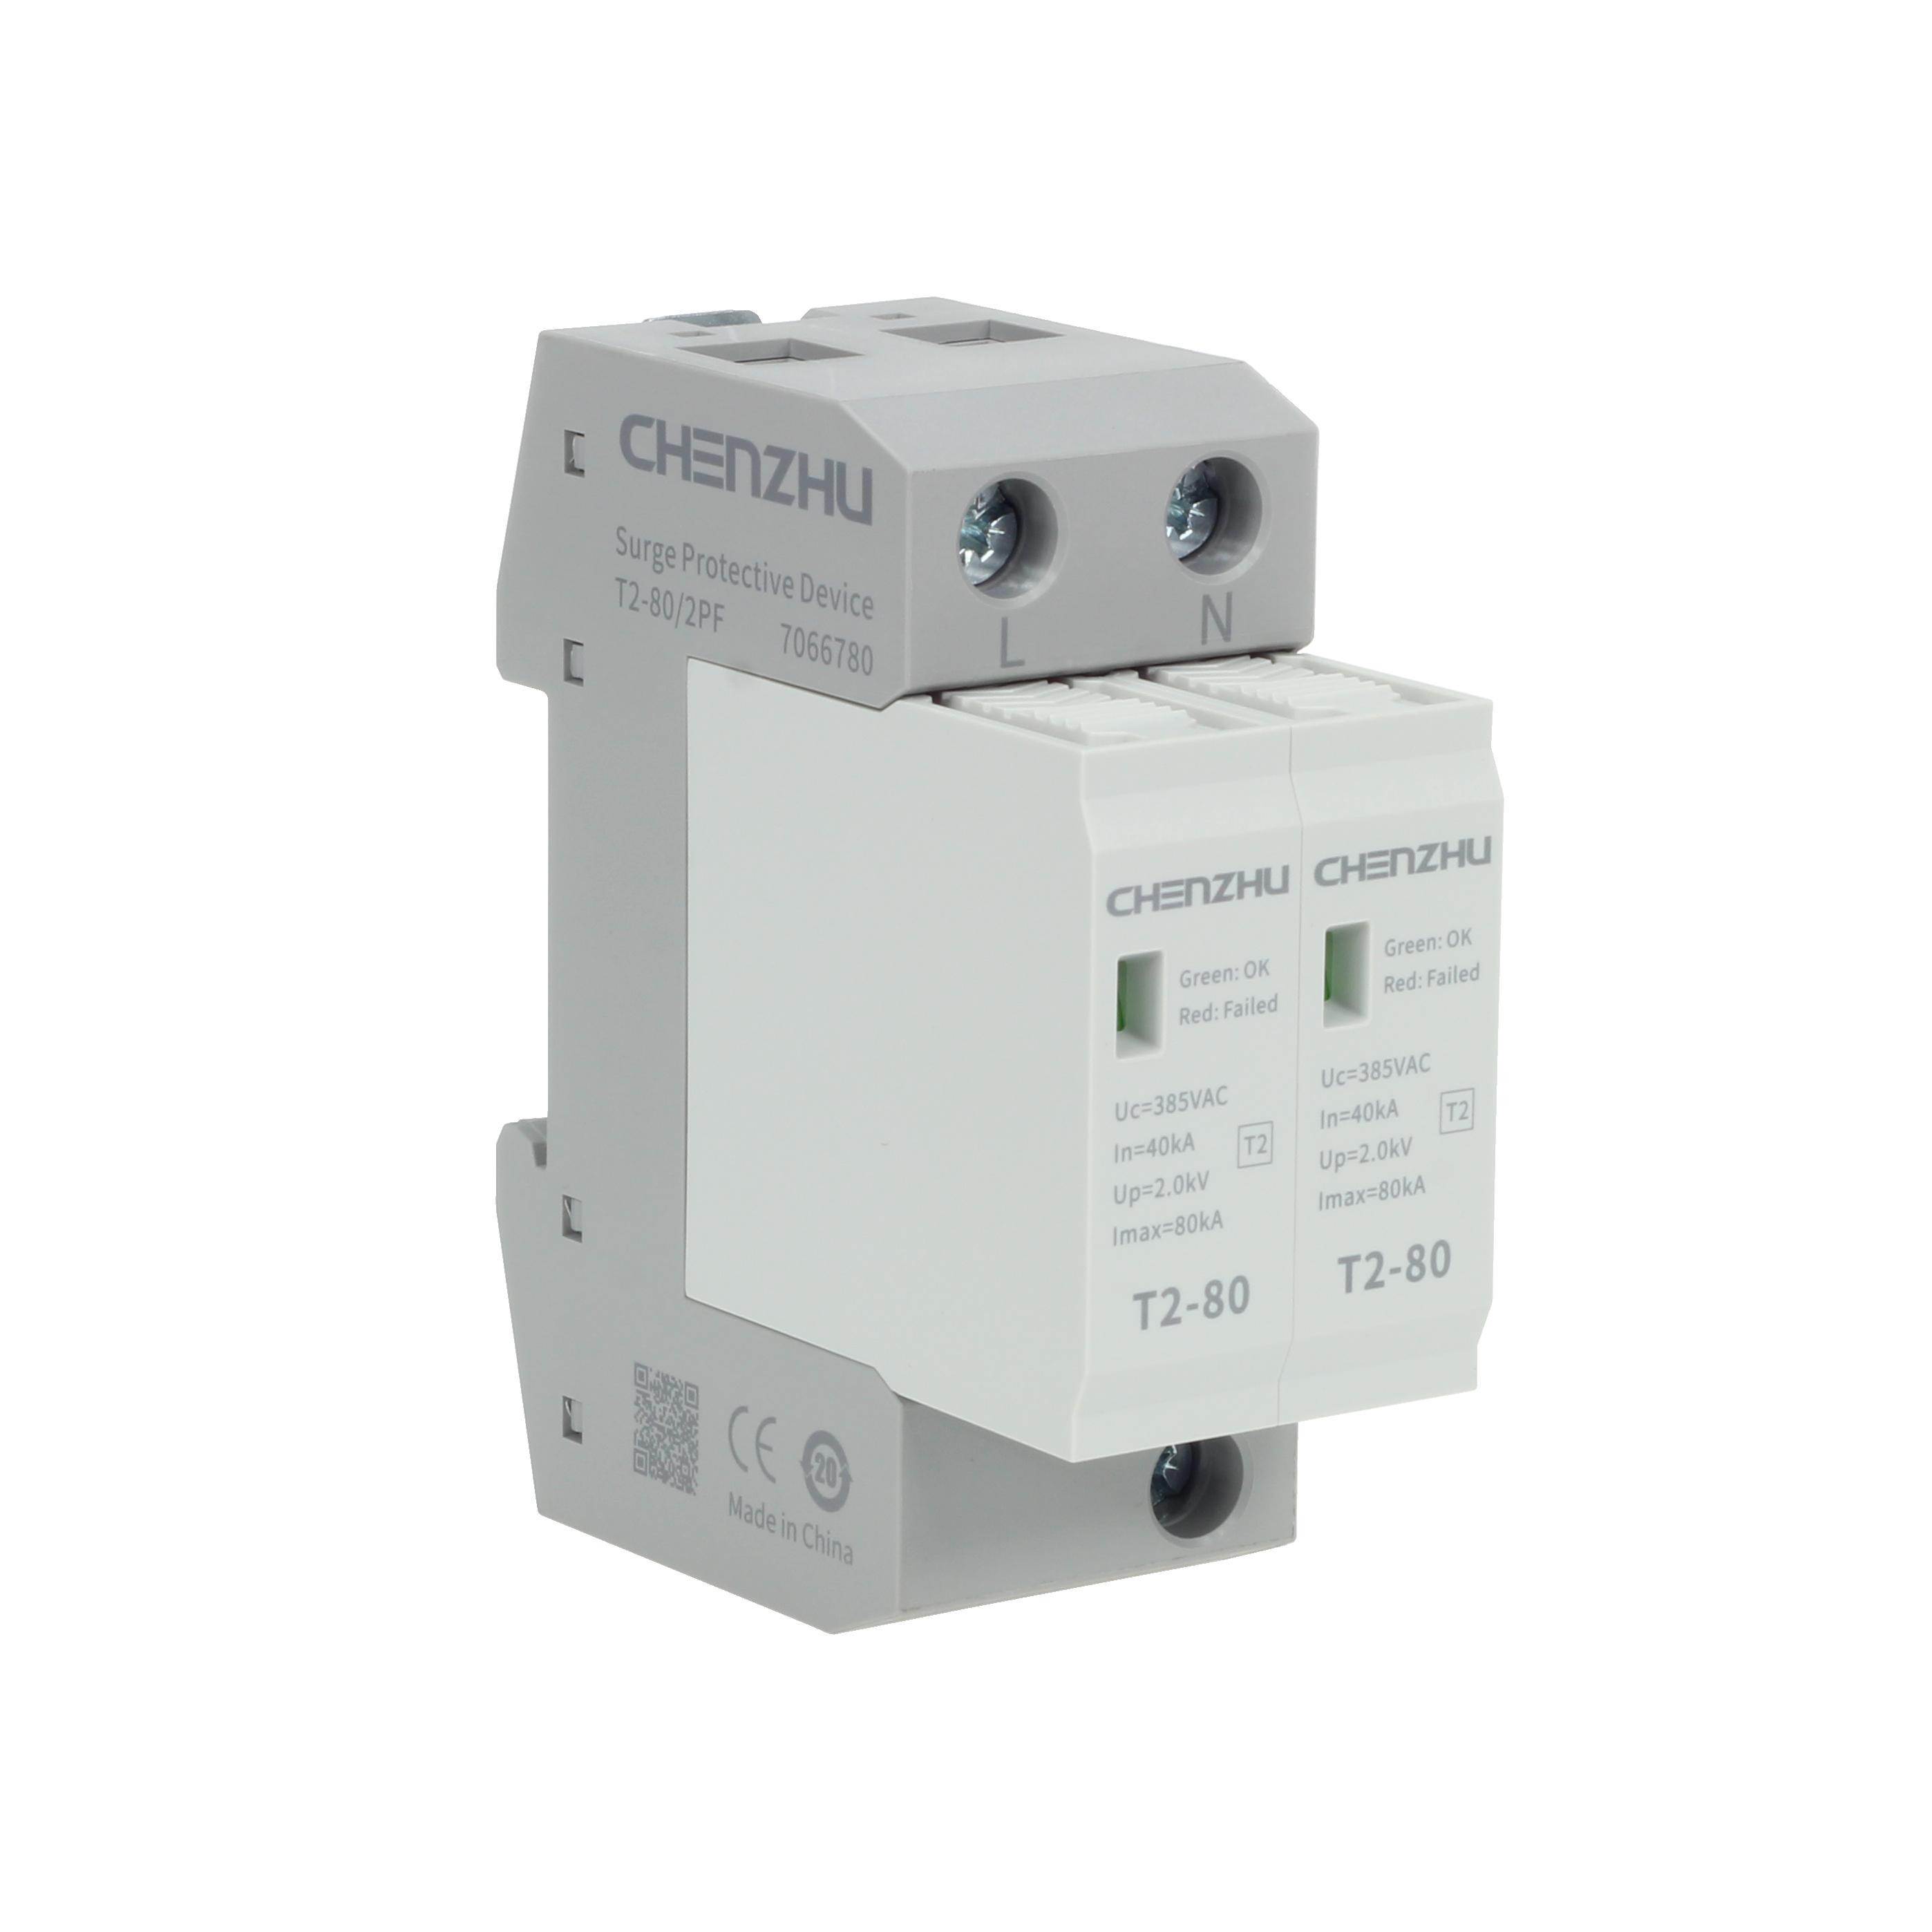 AC Power SPD (220/380VAC; Single phase TN; In=40kA; alarm output ) 7022515